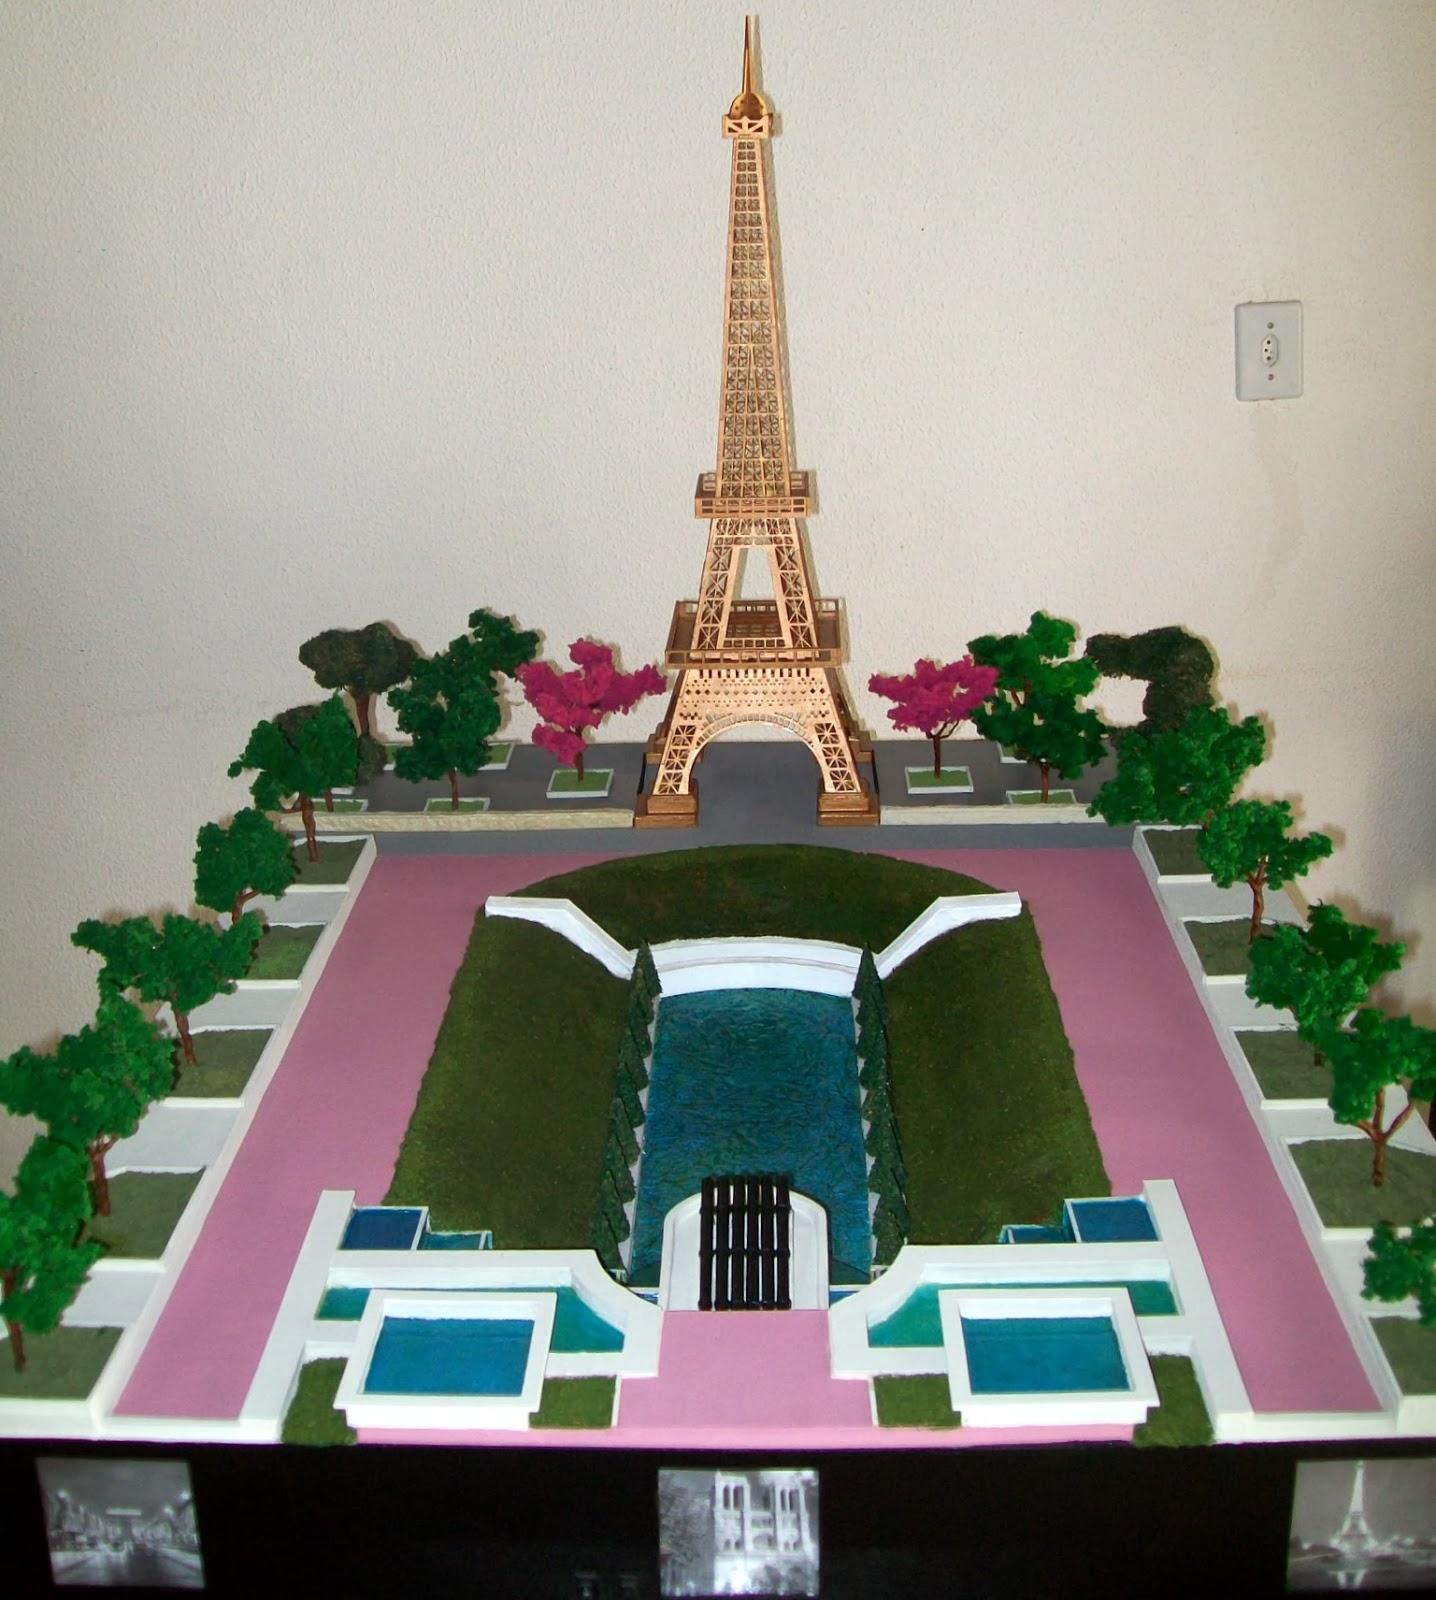 Casa do Imaginrio  Maquete sobre Paris  Passo a passo